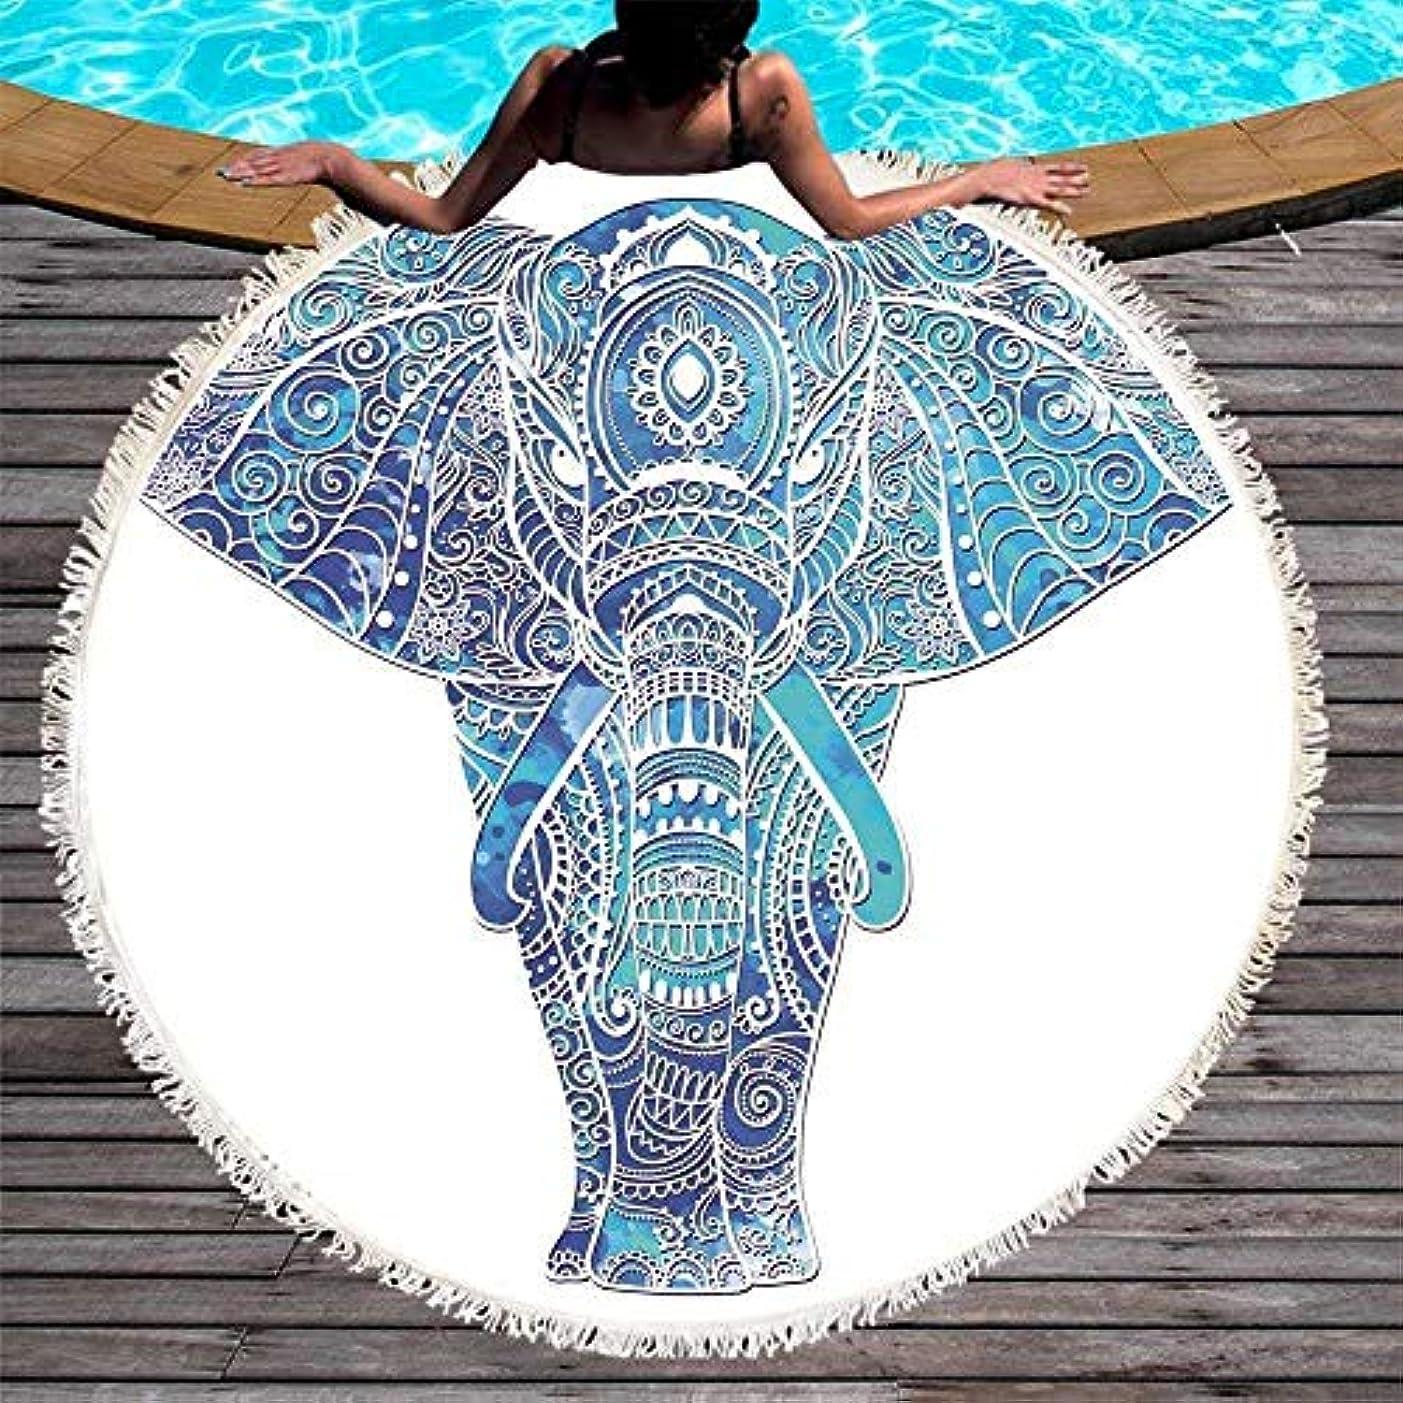 契約累計キャンバス象の丸いビーチタオルタッセル曼荼羅毛布ヨガマイクロファイバーピクニックマット150 cmでプリント (色 : 3, サイズ : 150CM)